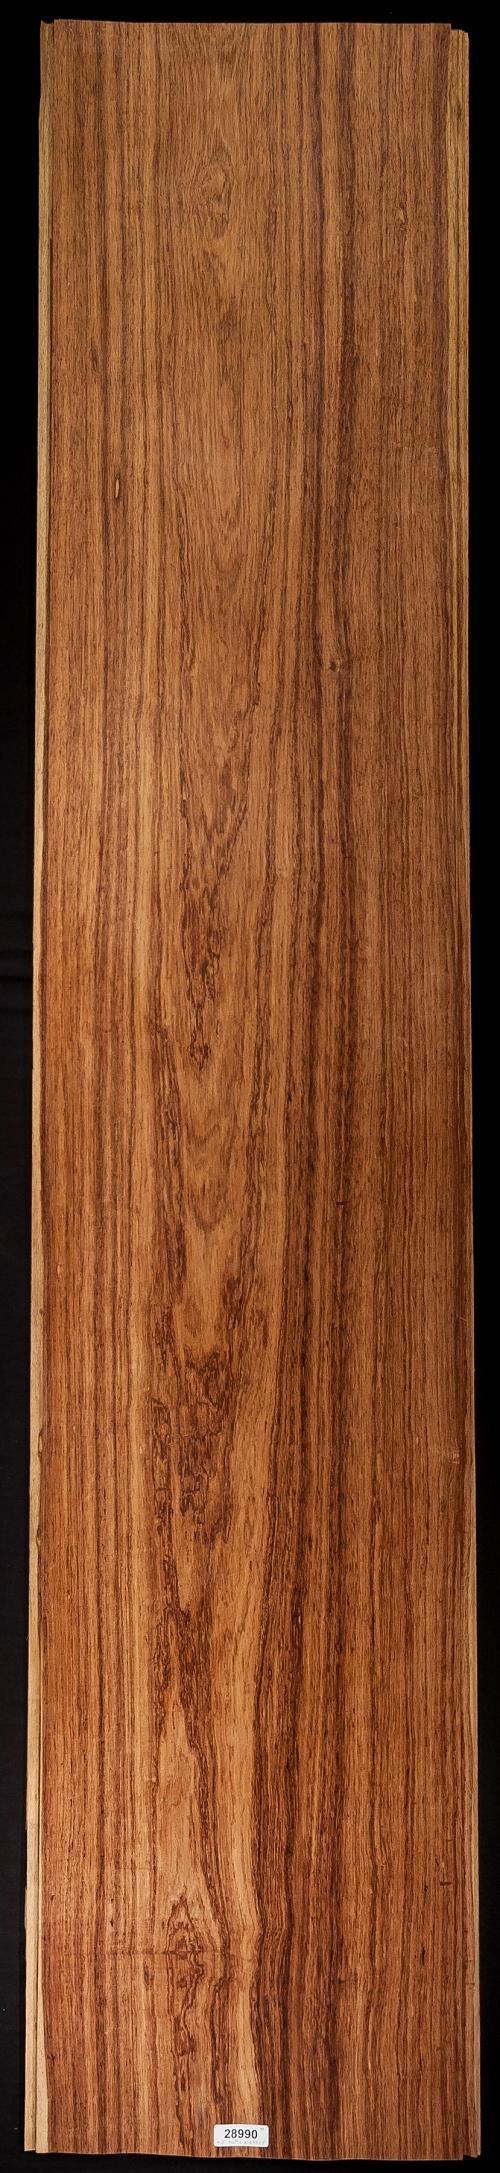 AAA Flat Cut Rosewood (Honduras) Veneer Sheet